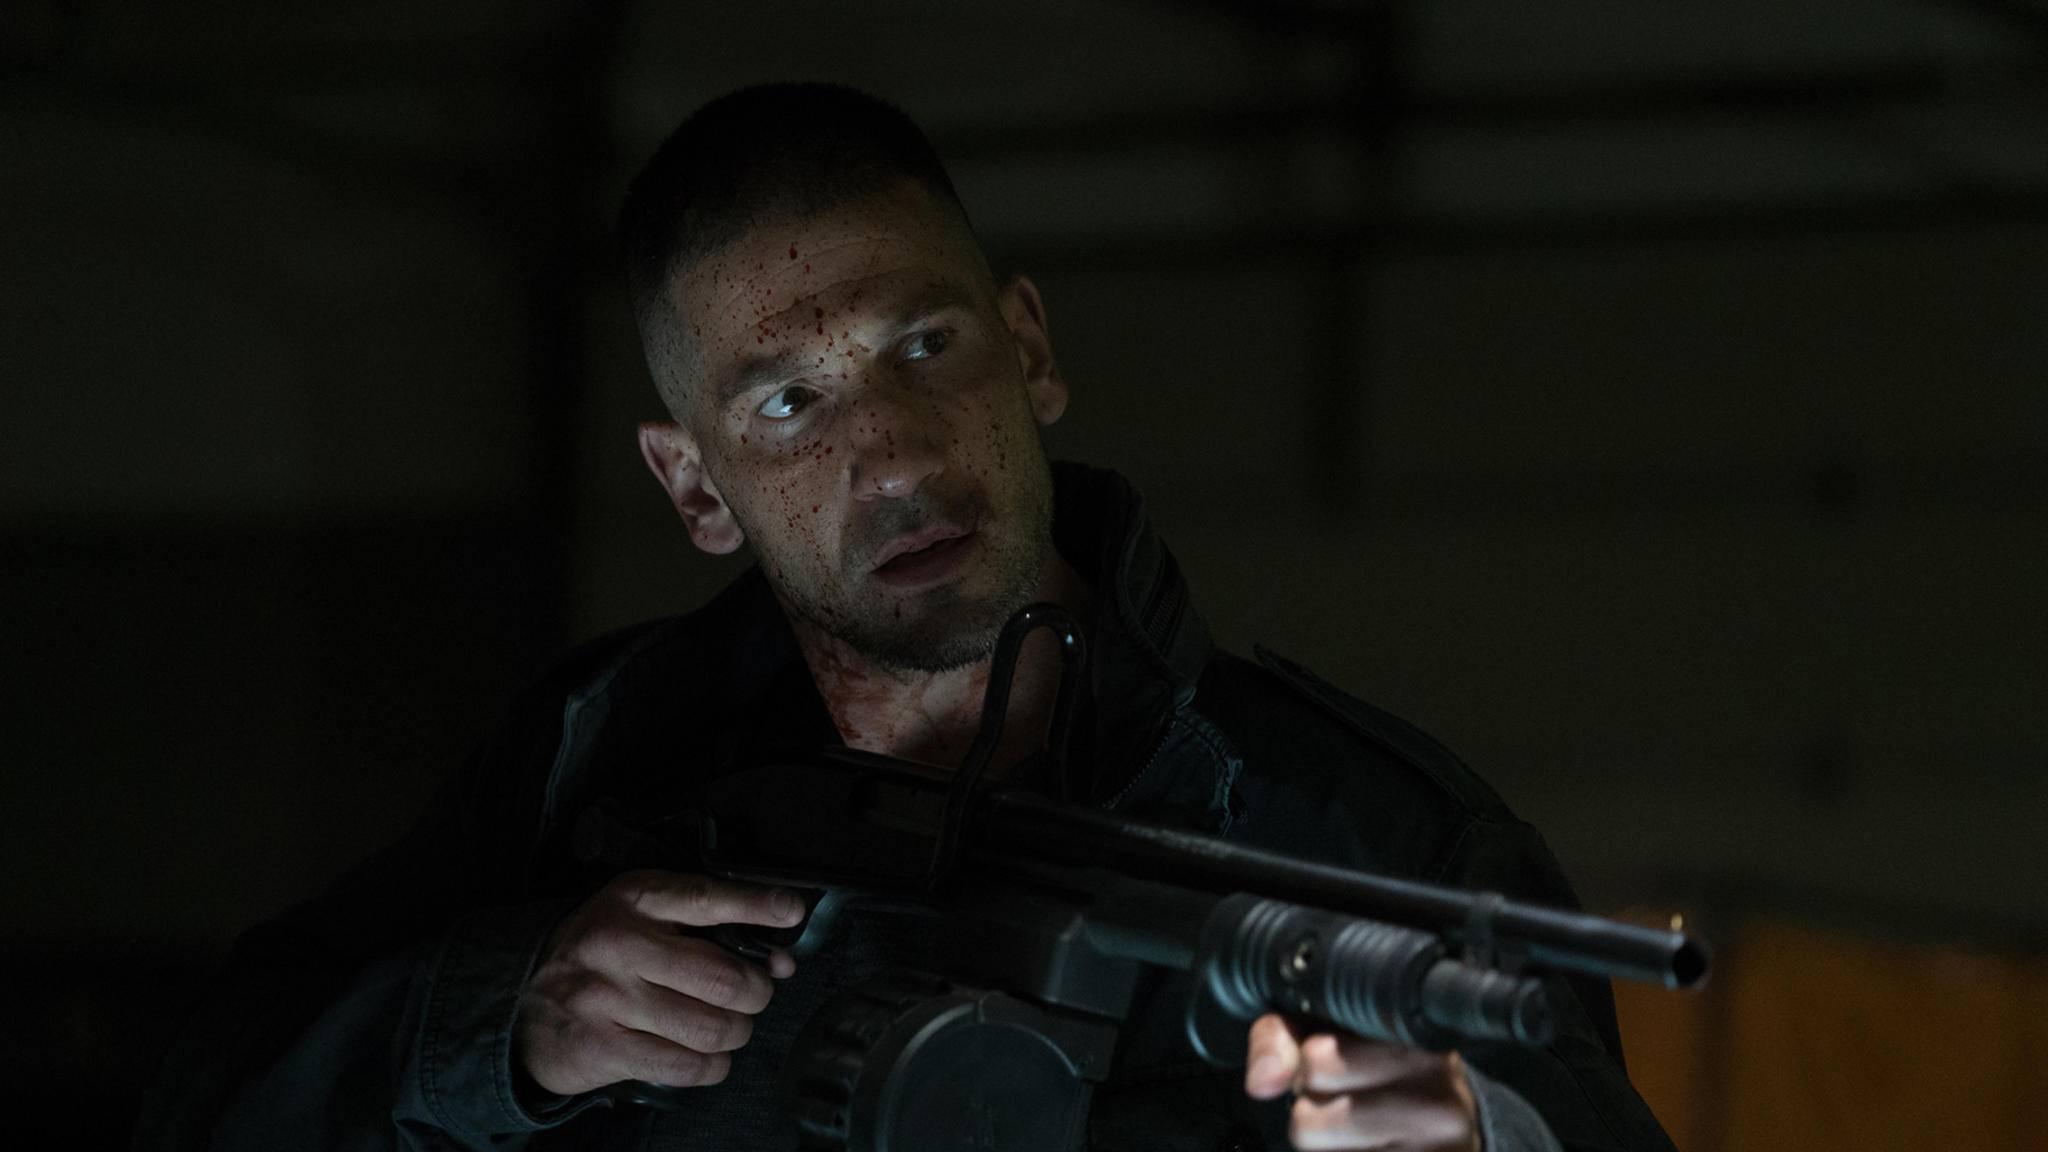 """Zeit für Runde 2? Jon Bernthal teasert eine große Enthüllung zur neuen """"The Punisher""""-Staffel an."""